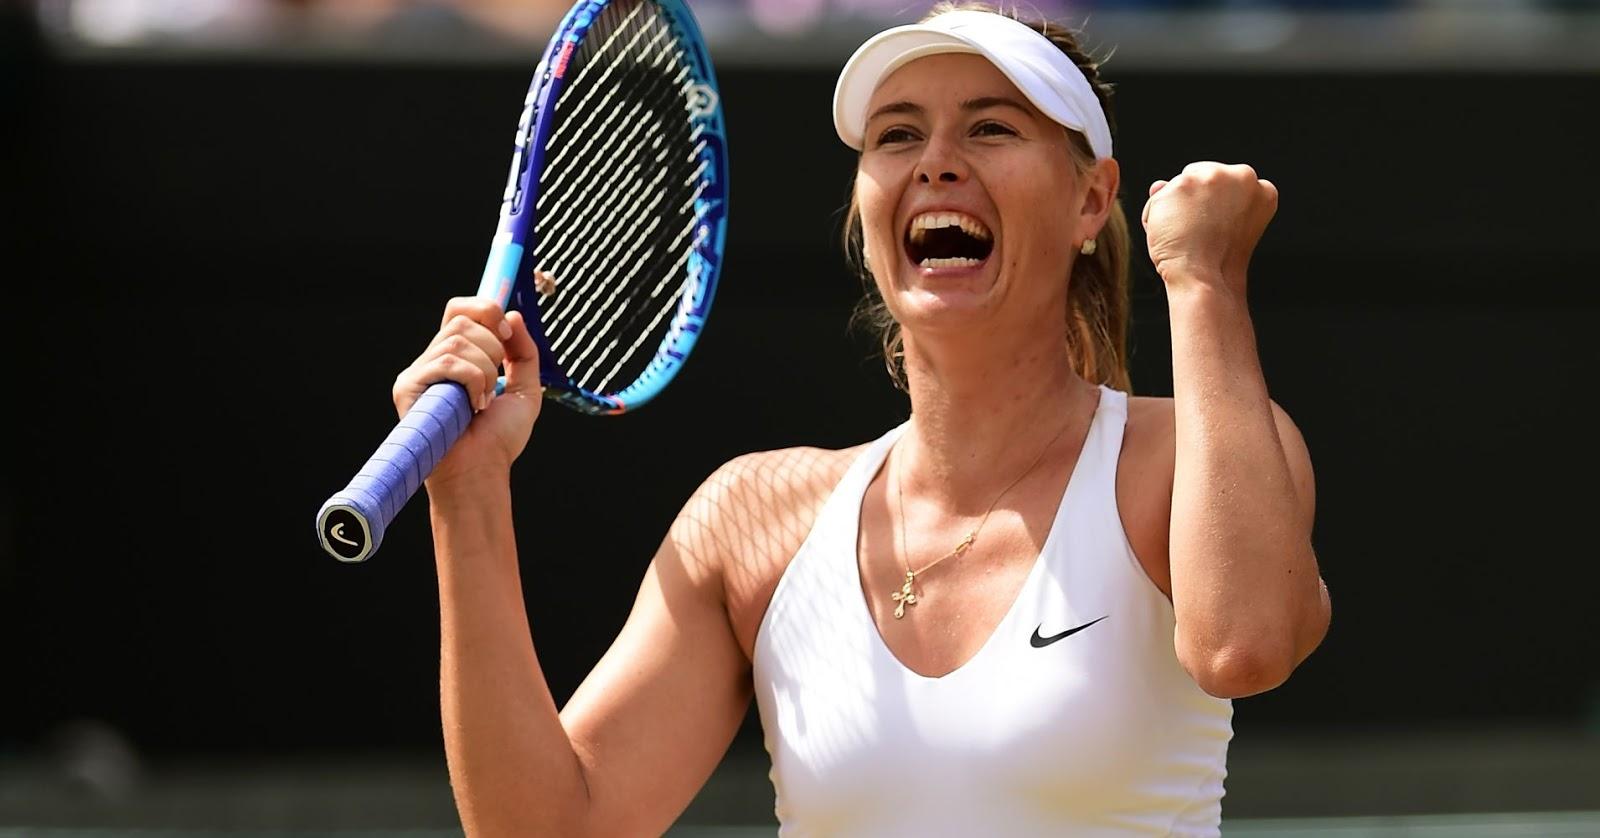 Maria Sharapova มาเรีย ชาราโปวา 9sports sexy girl นักกีฬาสาวสวย